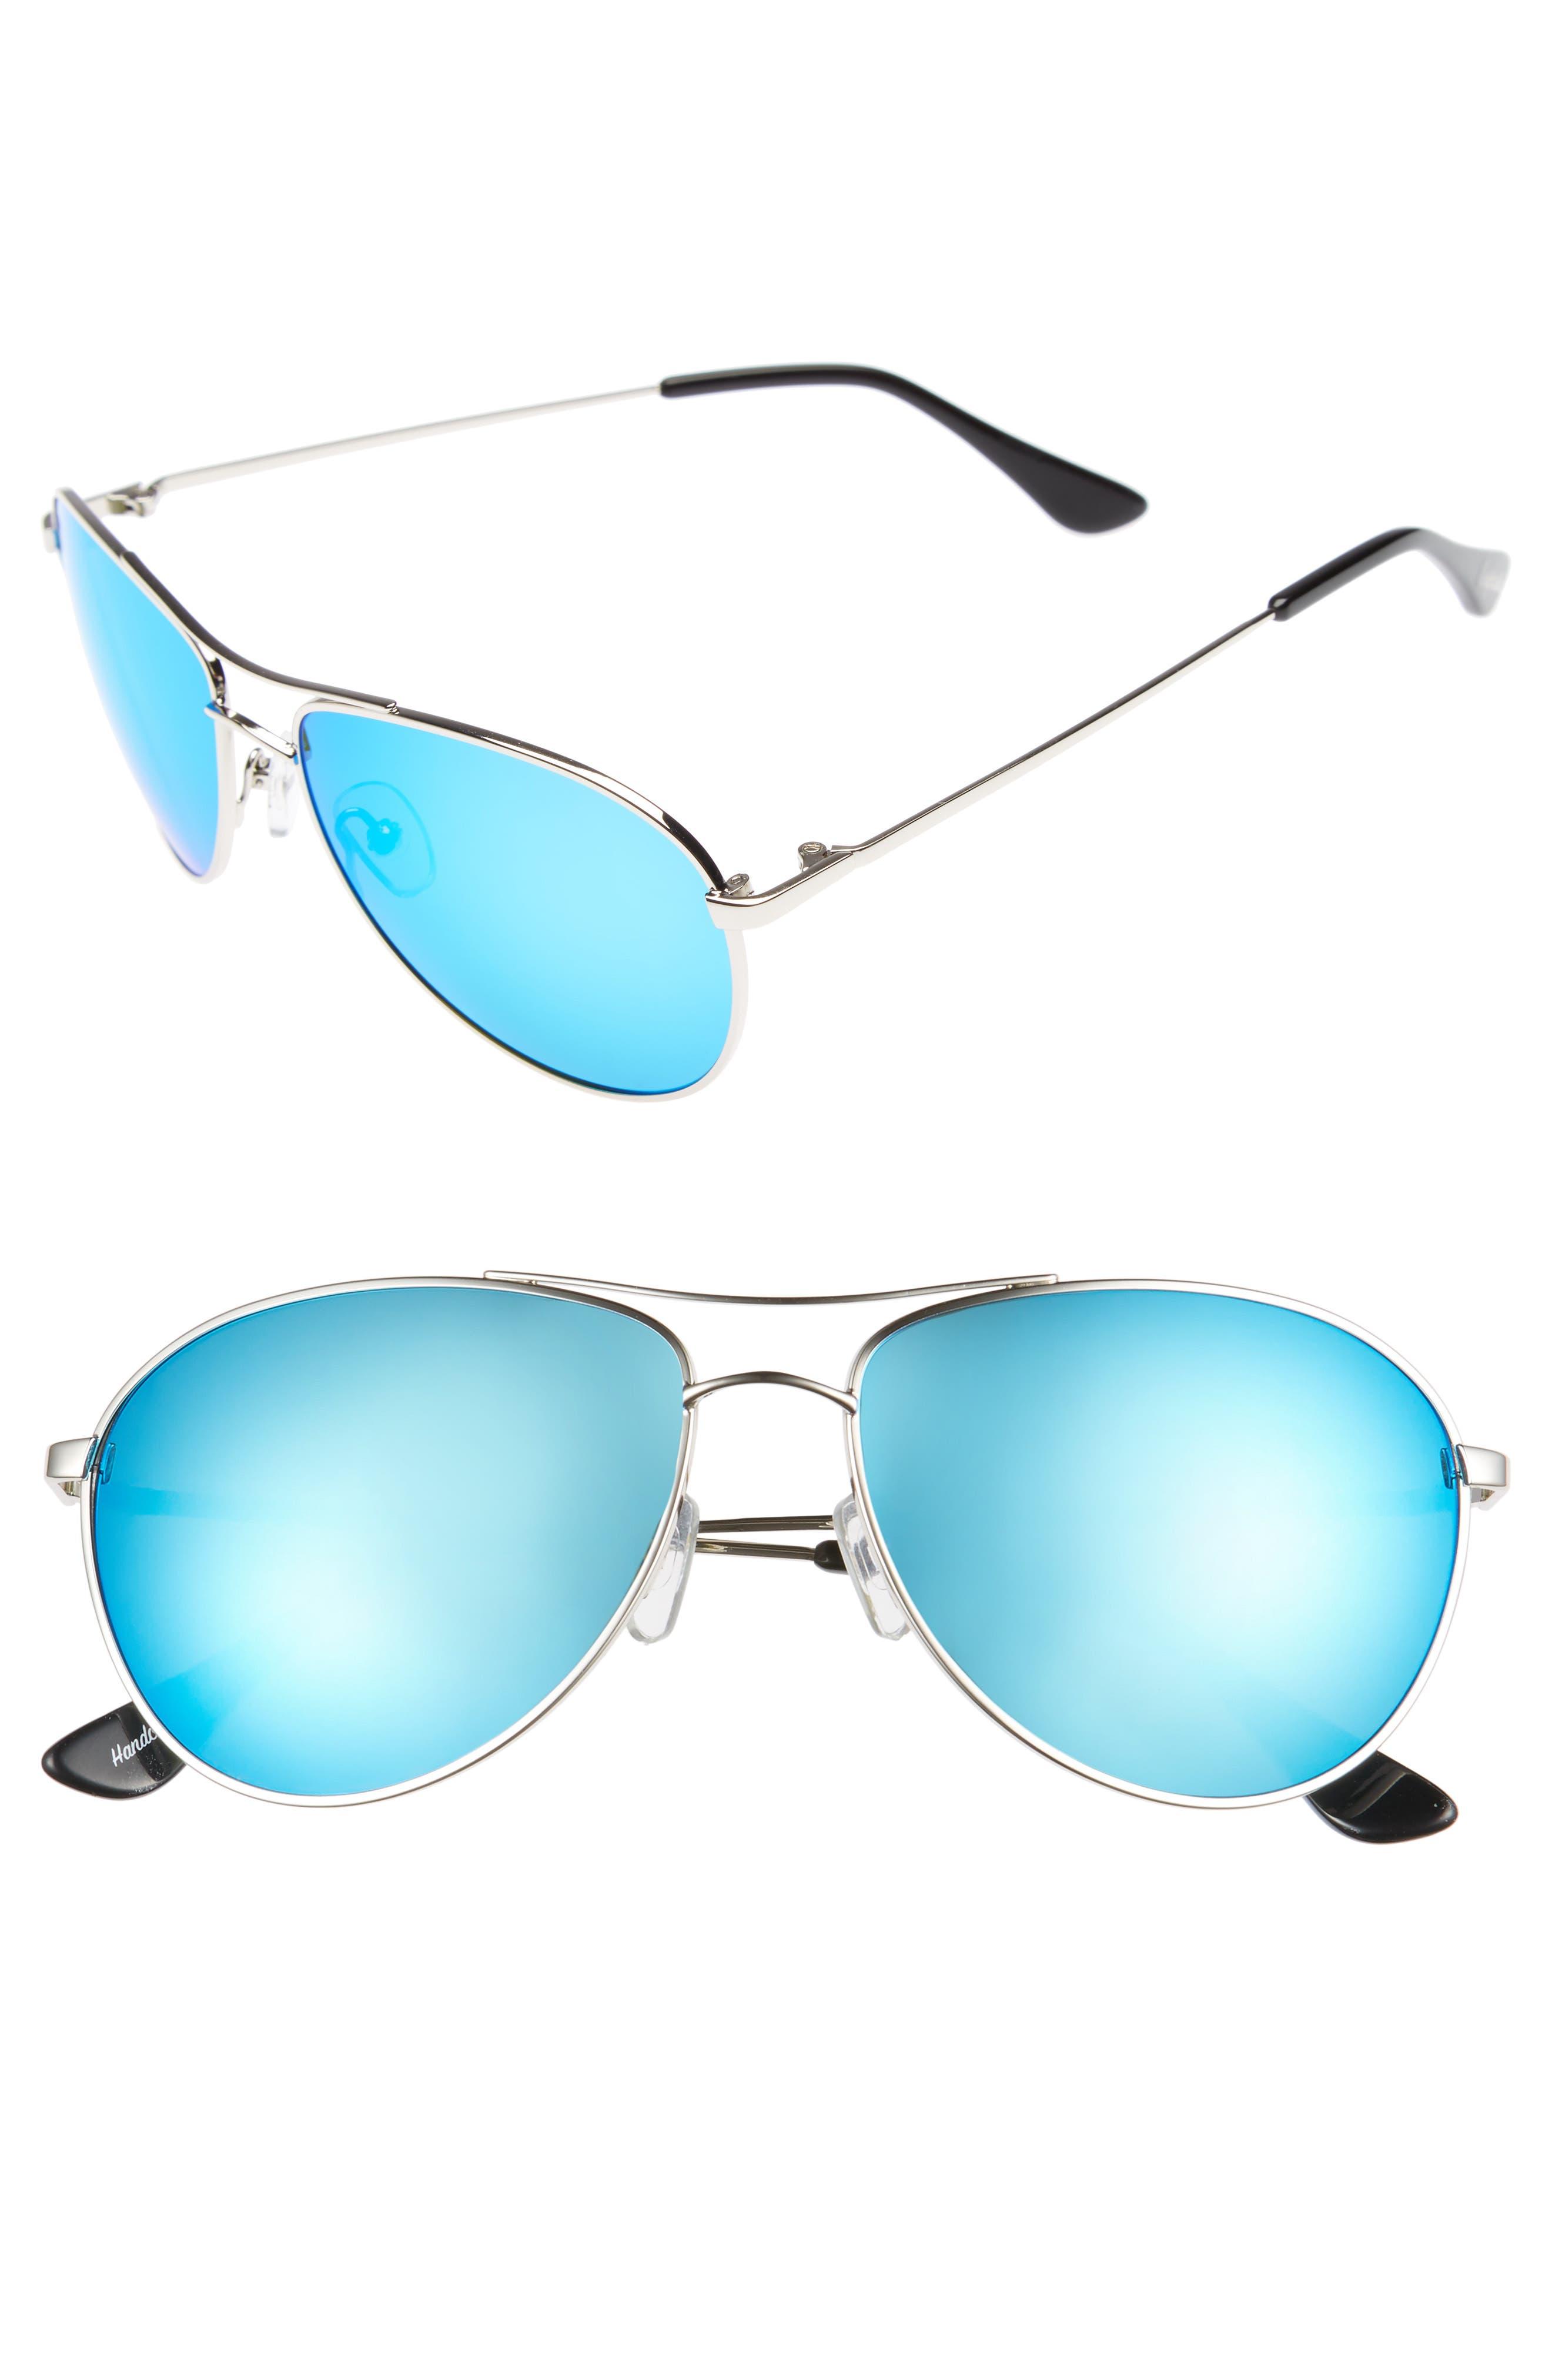 Brightside Orville 58mm Mirrored Aviator Sunglasses